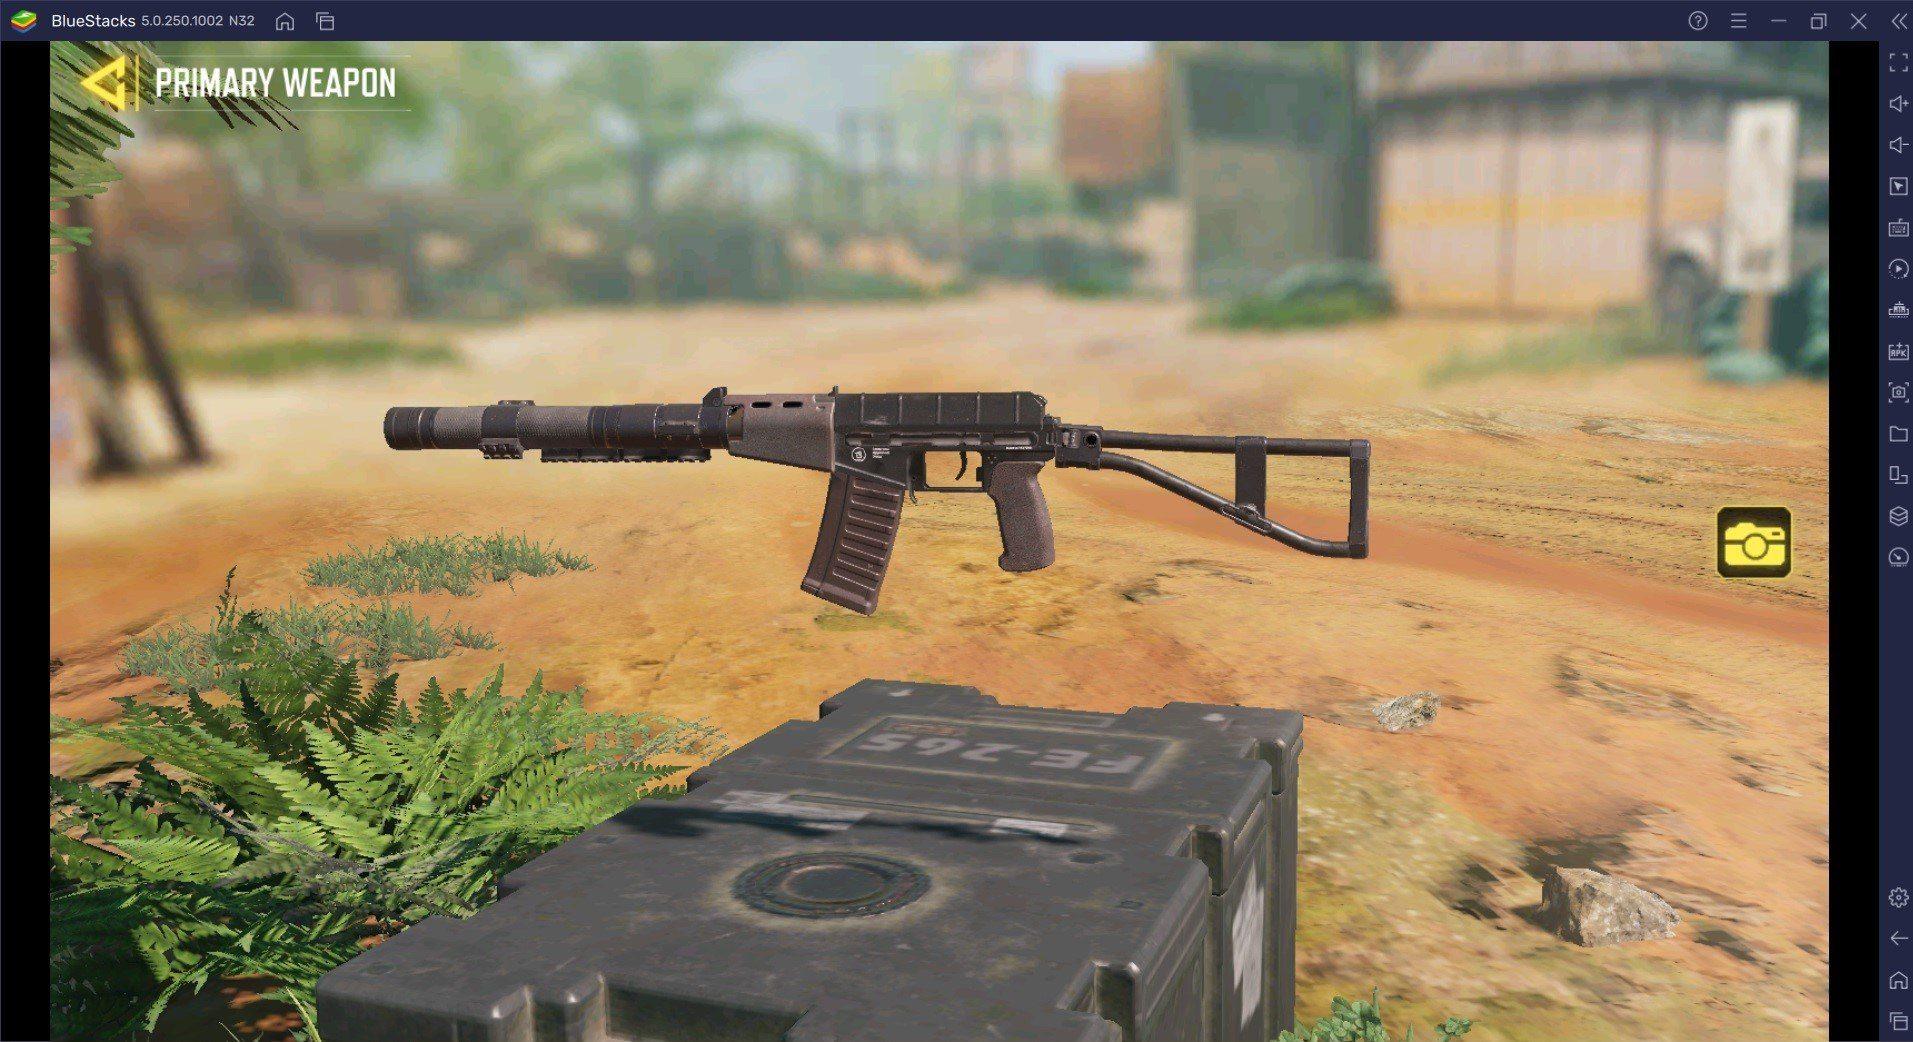 دليل البندقية للعبة Call of Duty: Mobile  – الموسم الخامس  – تعرّف على أفضل البنادق الجديدة